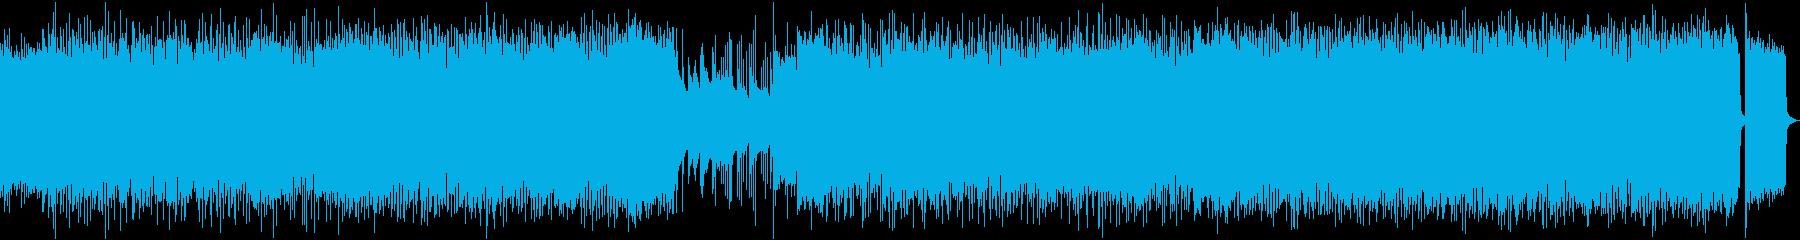 ヘビーで疾走感のある和風ロックの再生済みの波形